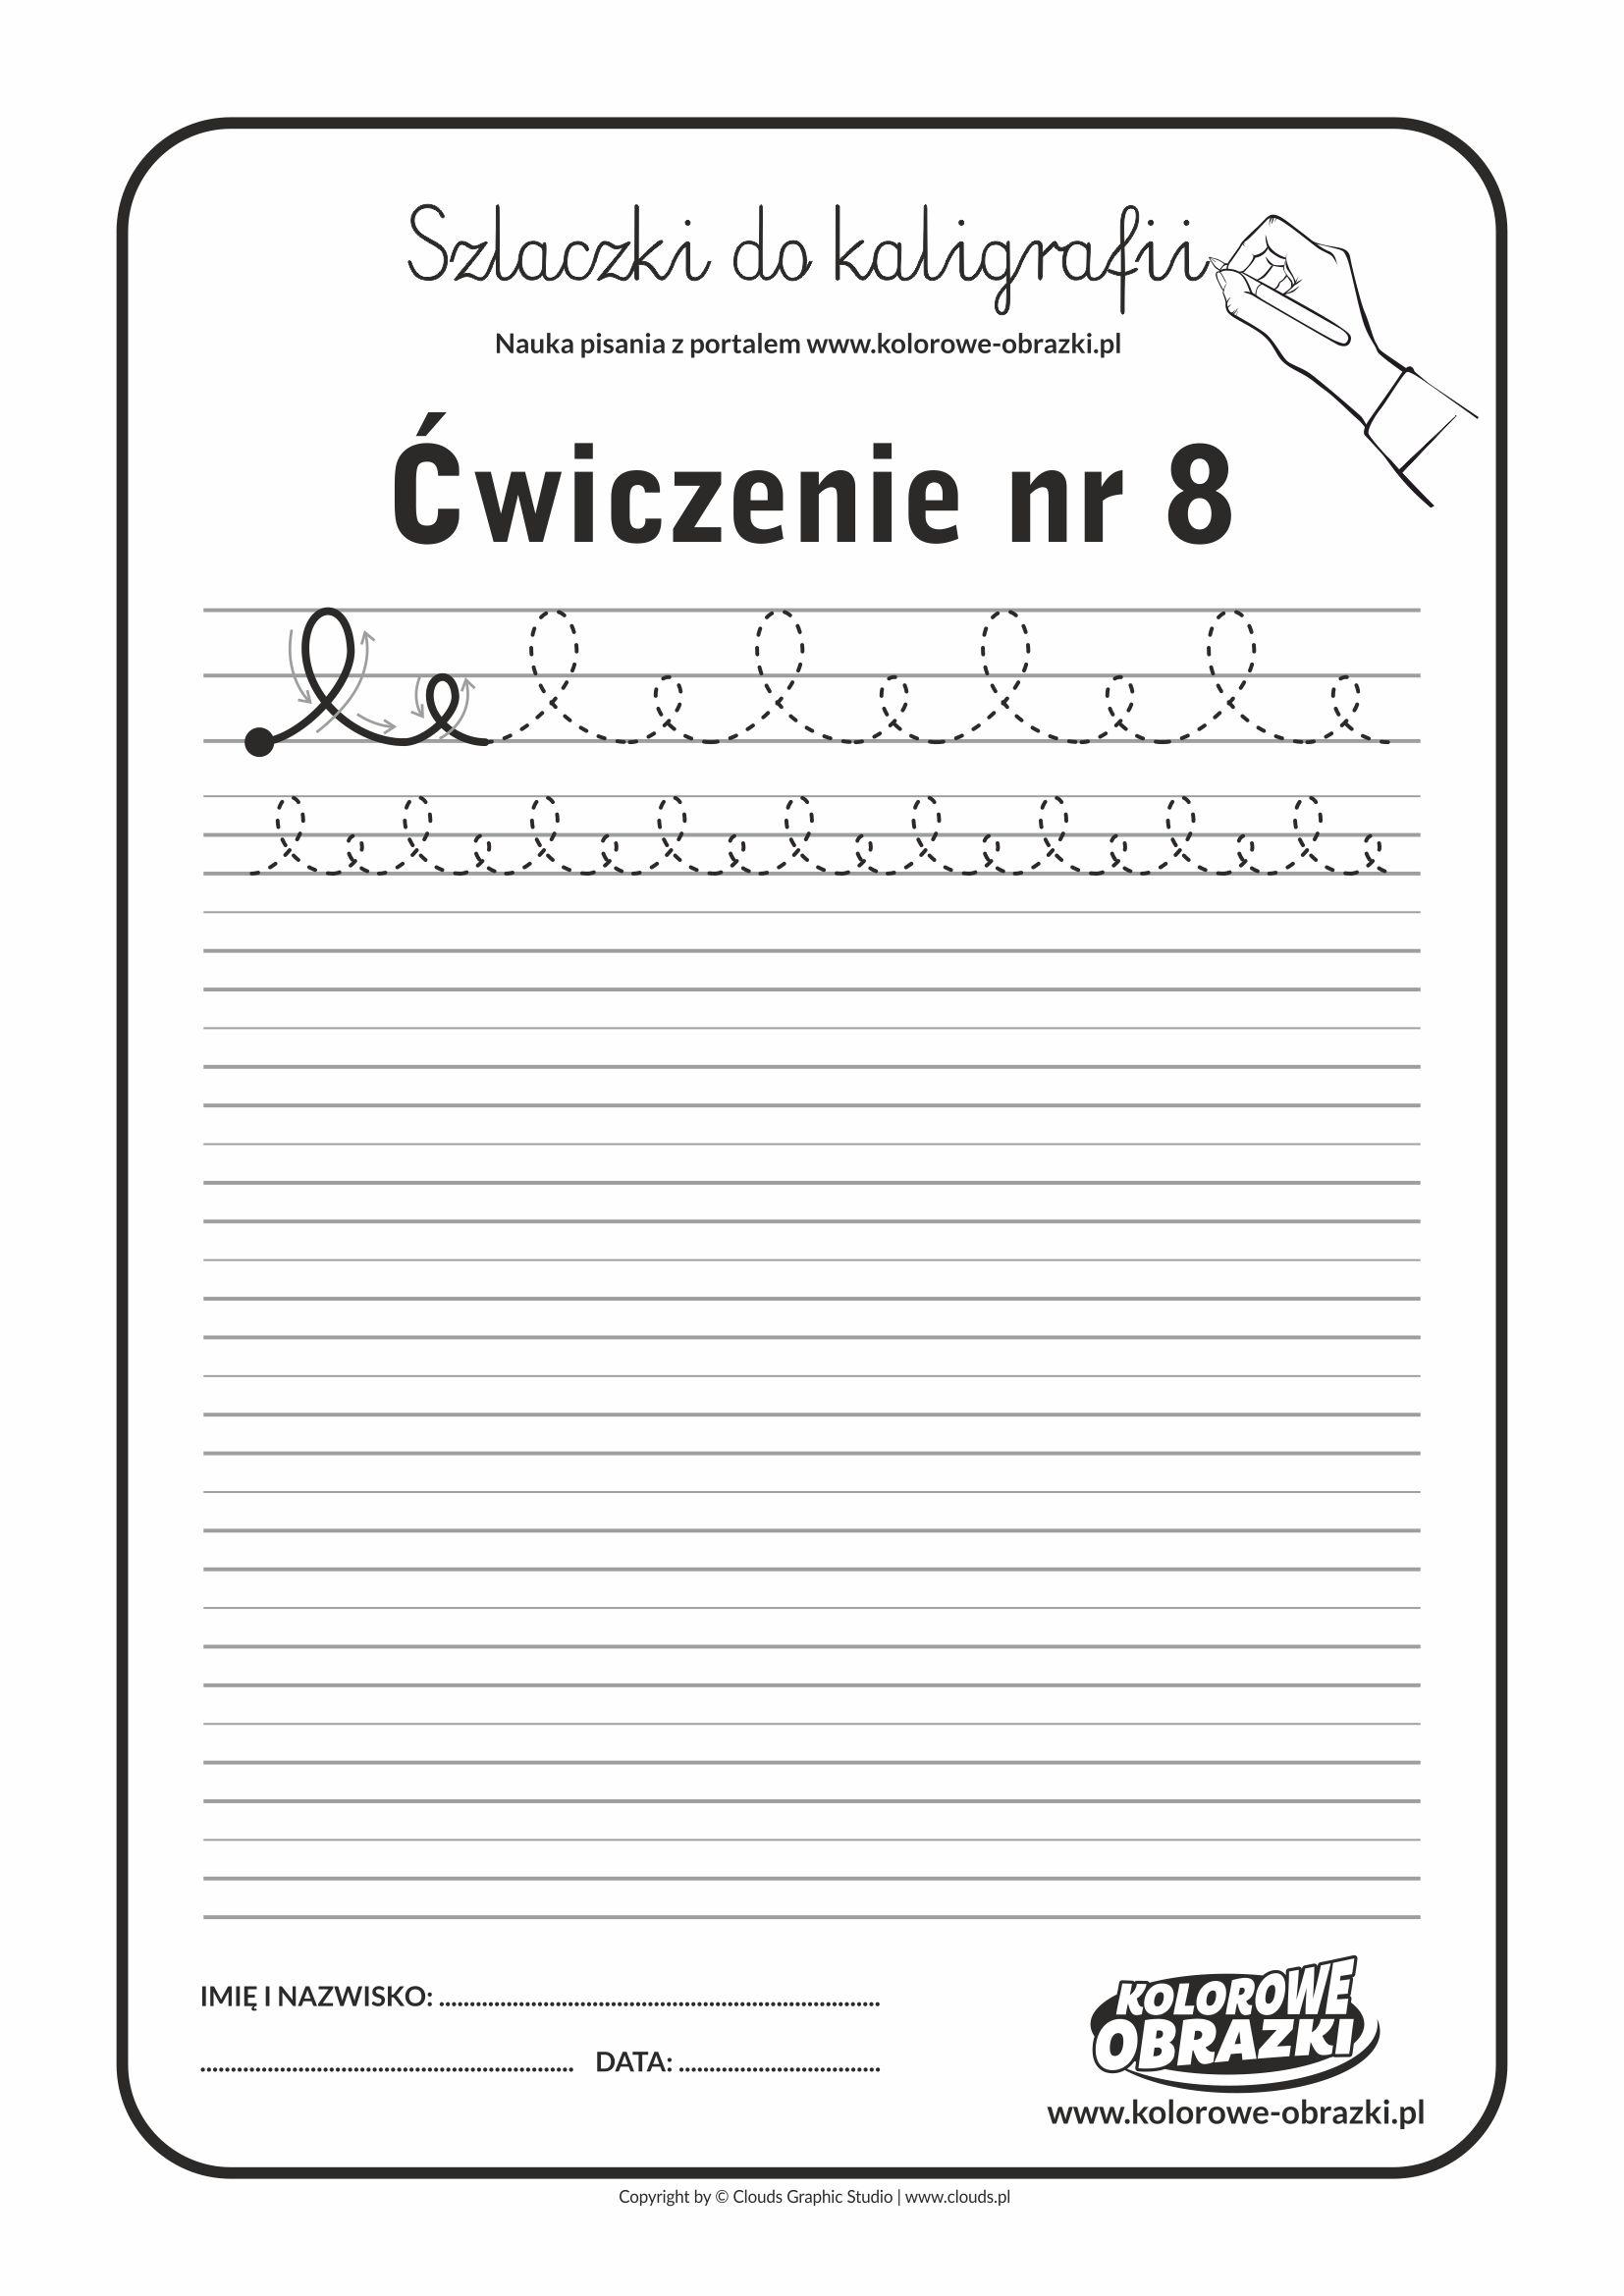 Kaligrafia dla dzieci - Ćwiczenia kaligraficzne / Szlaczki / Ćwiczenie nr 8